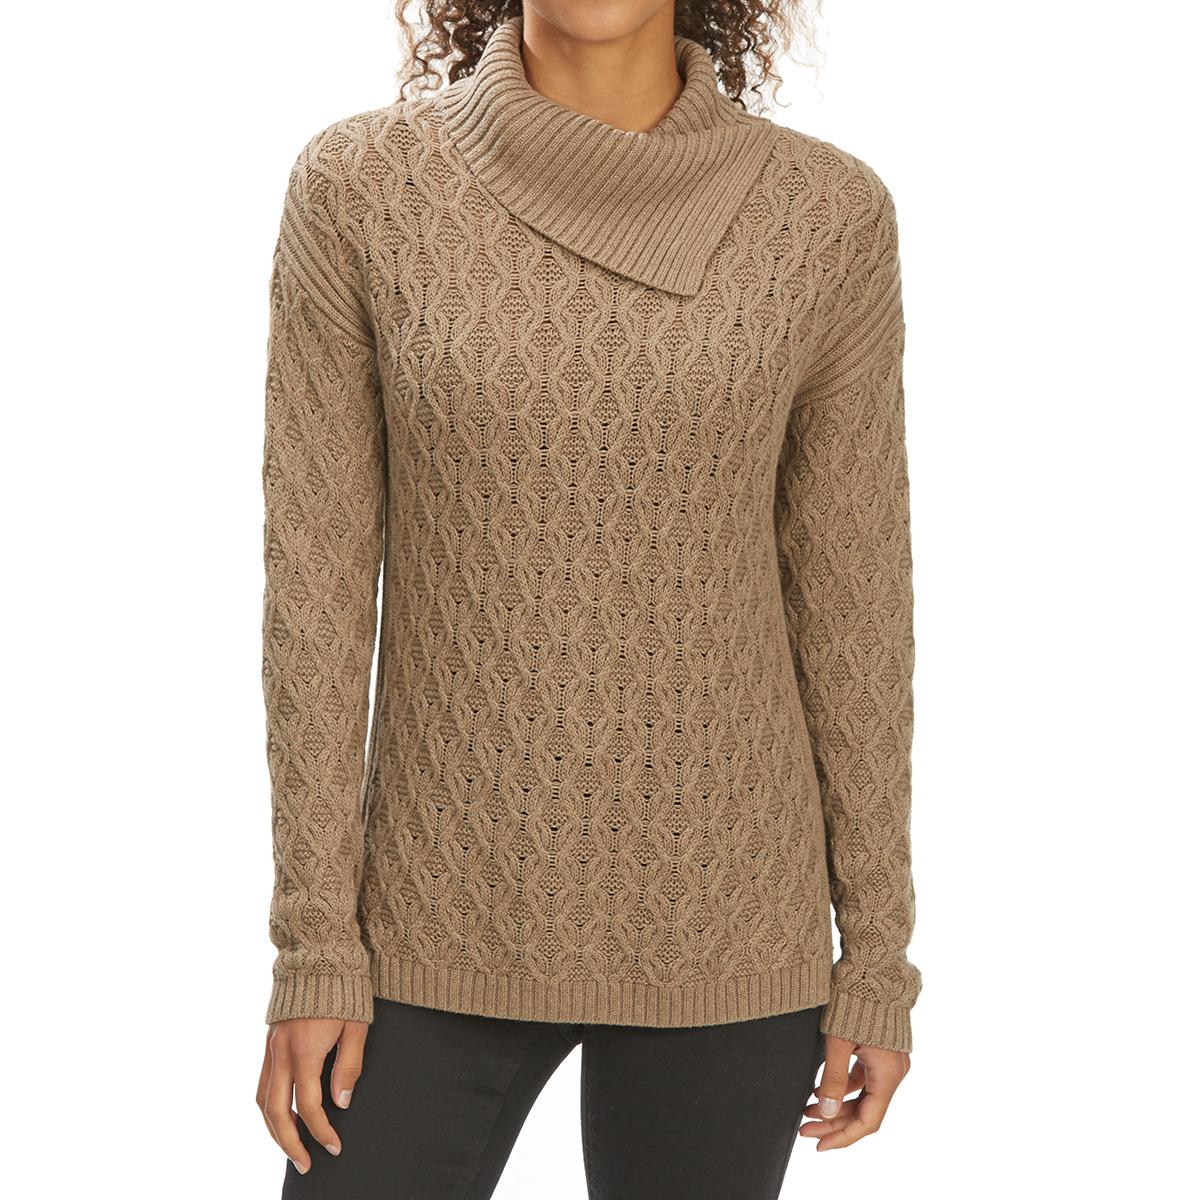 Jeanne Pierre Women's Envelope Neck Fisherman Sweater - White, XL